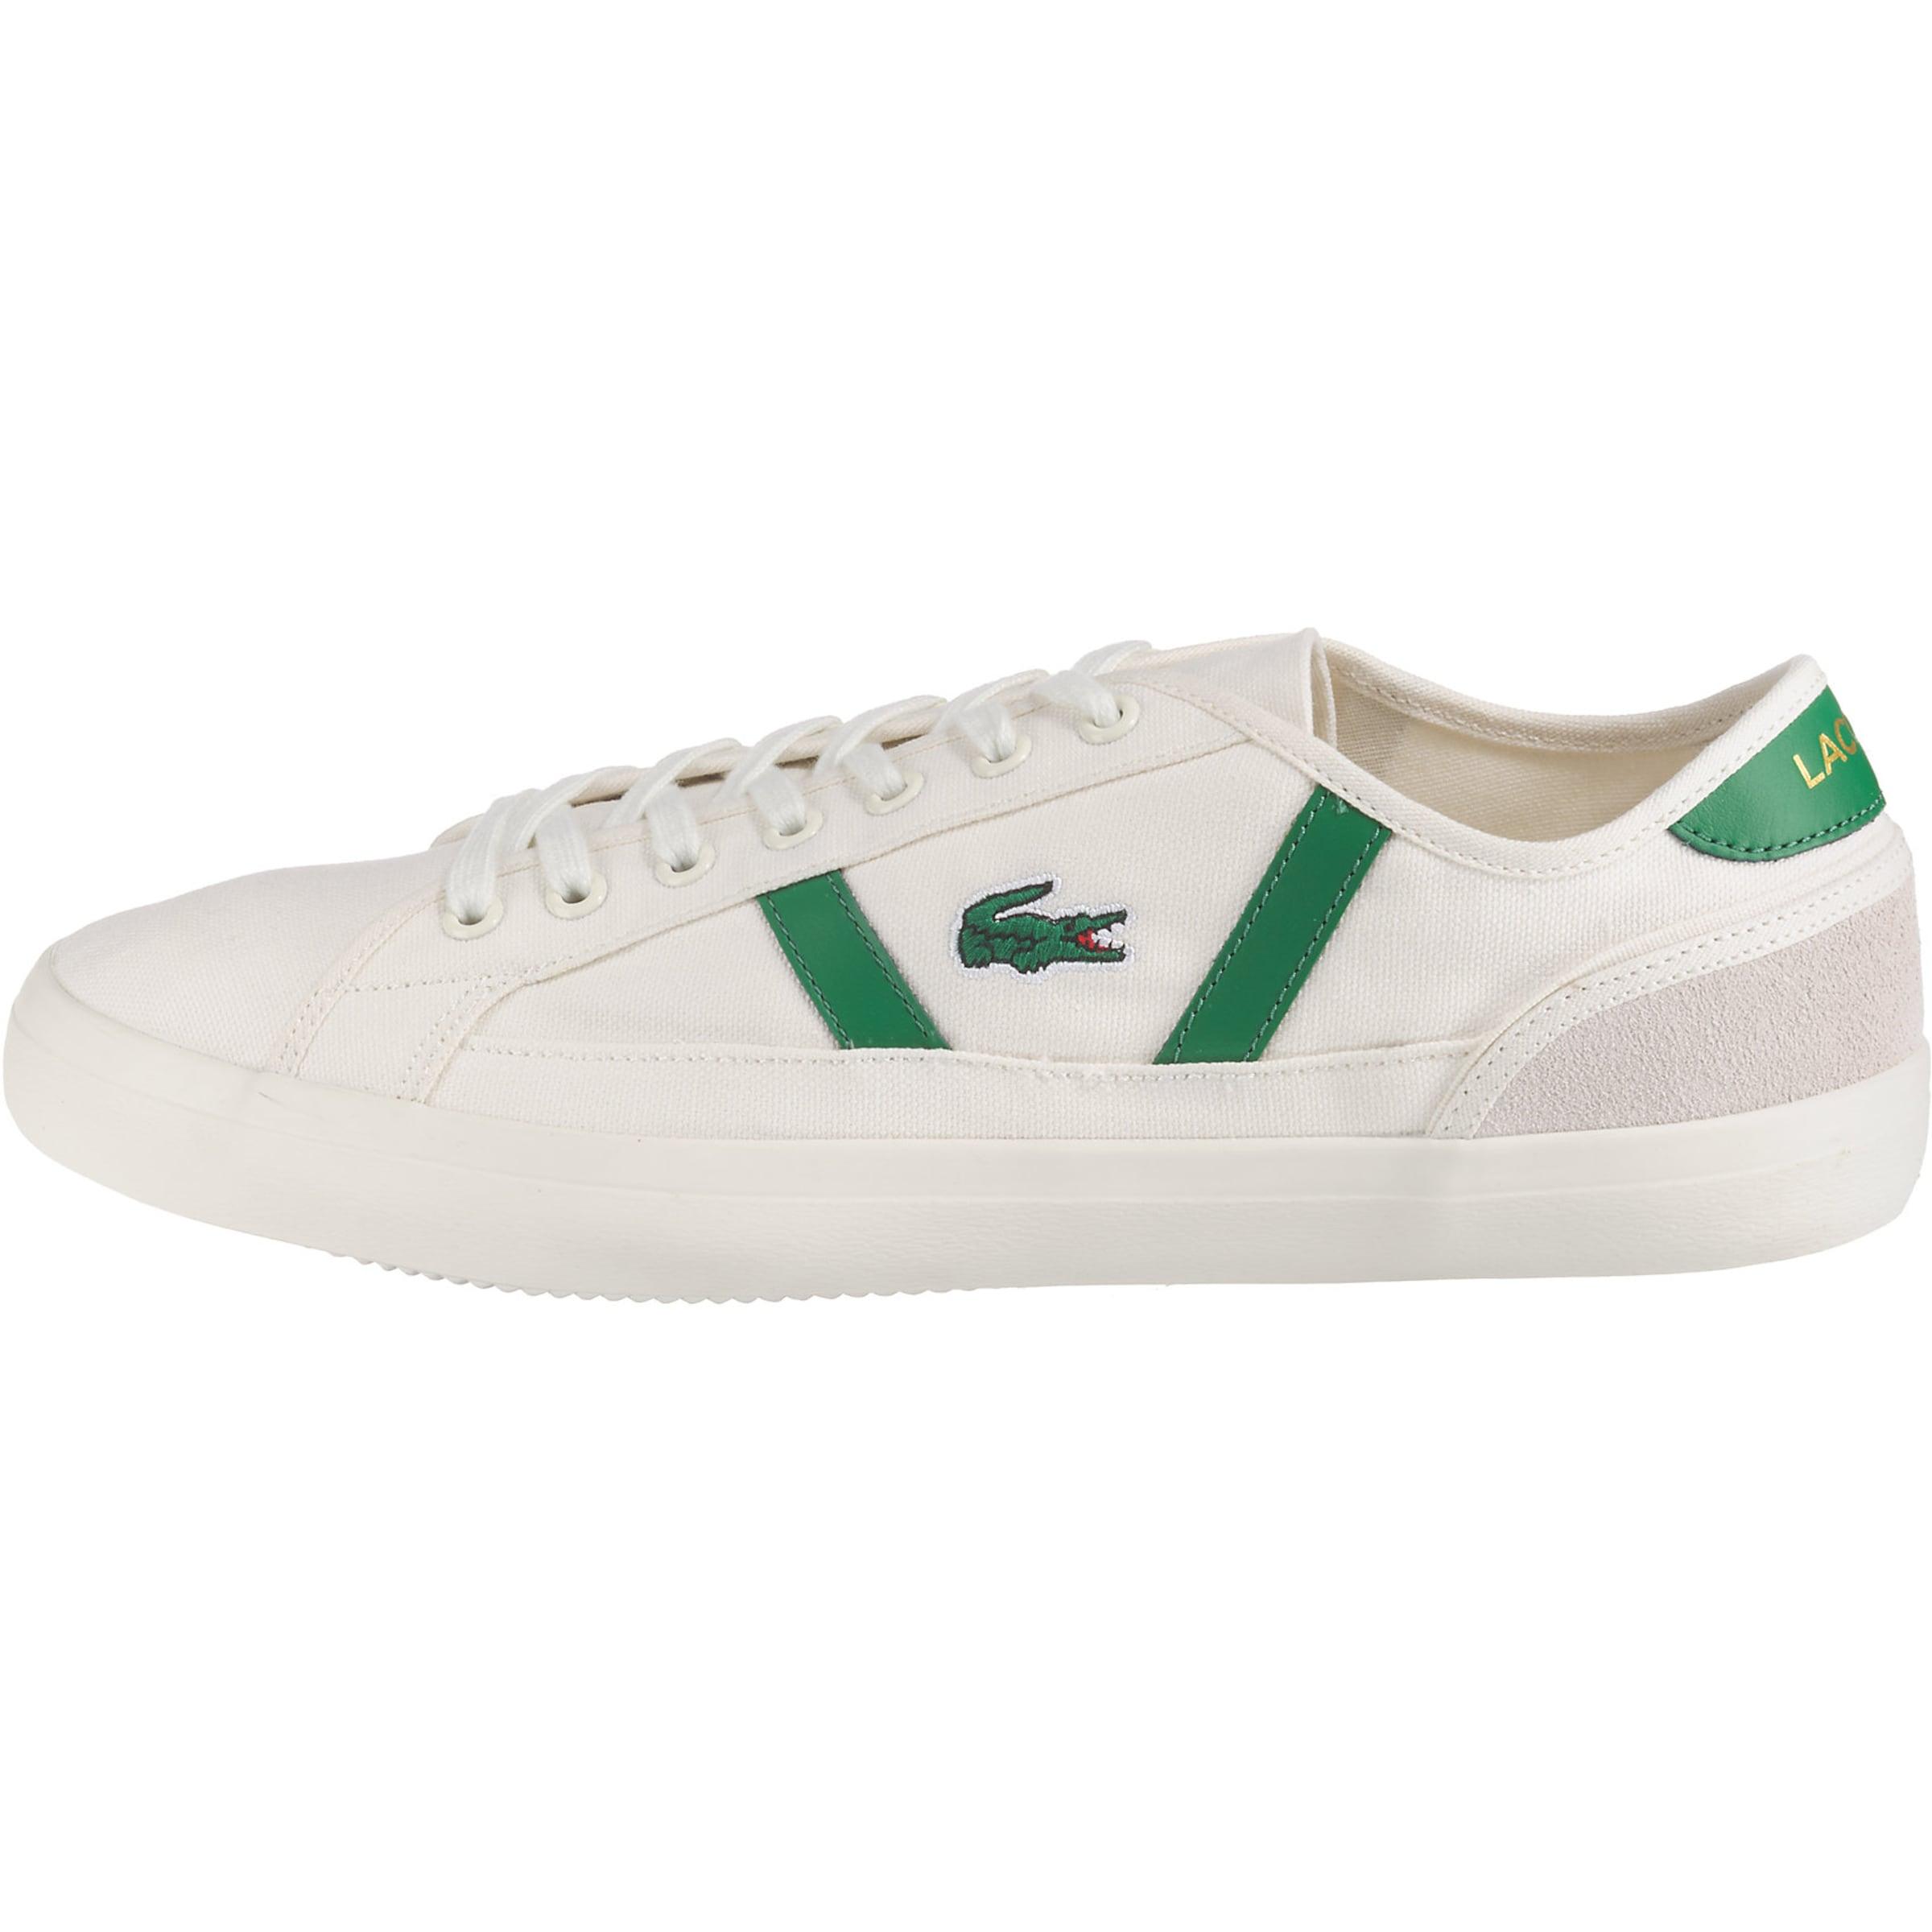 Lacoste 4 119 In Cma' Sneaker GrünWeiß 'sideline b6Y7yfg